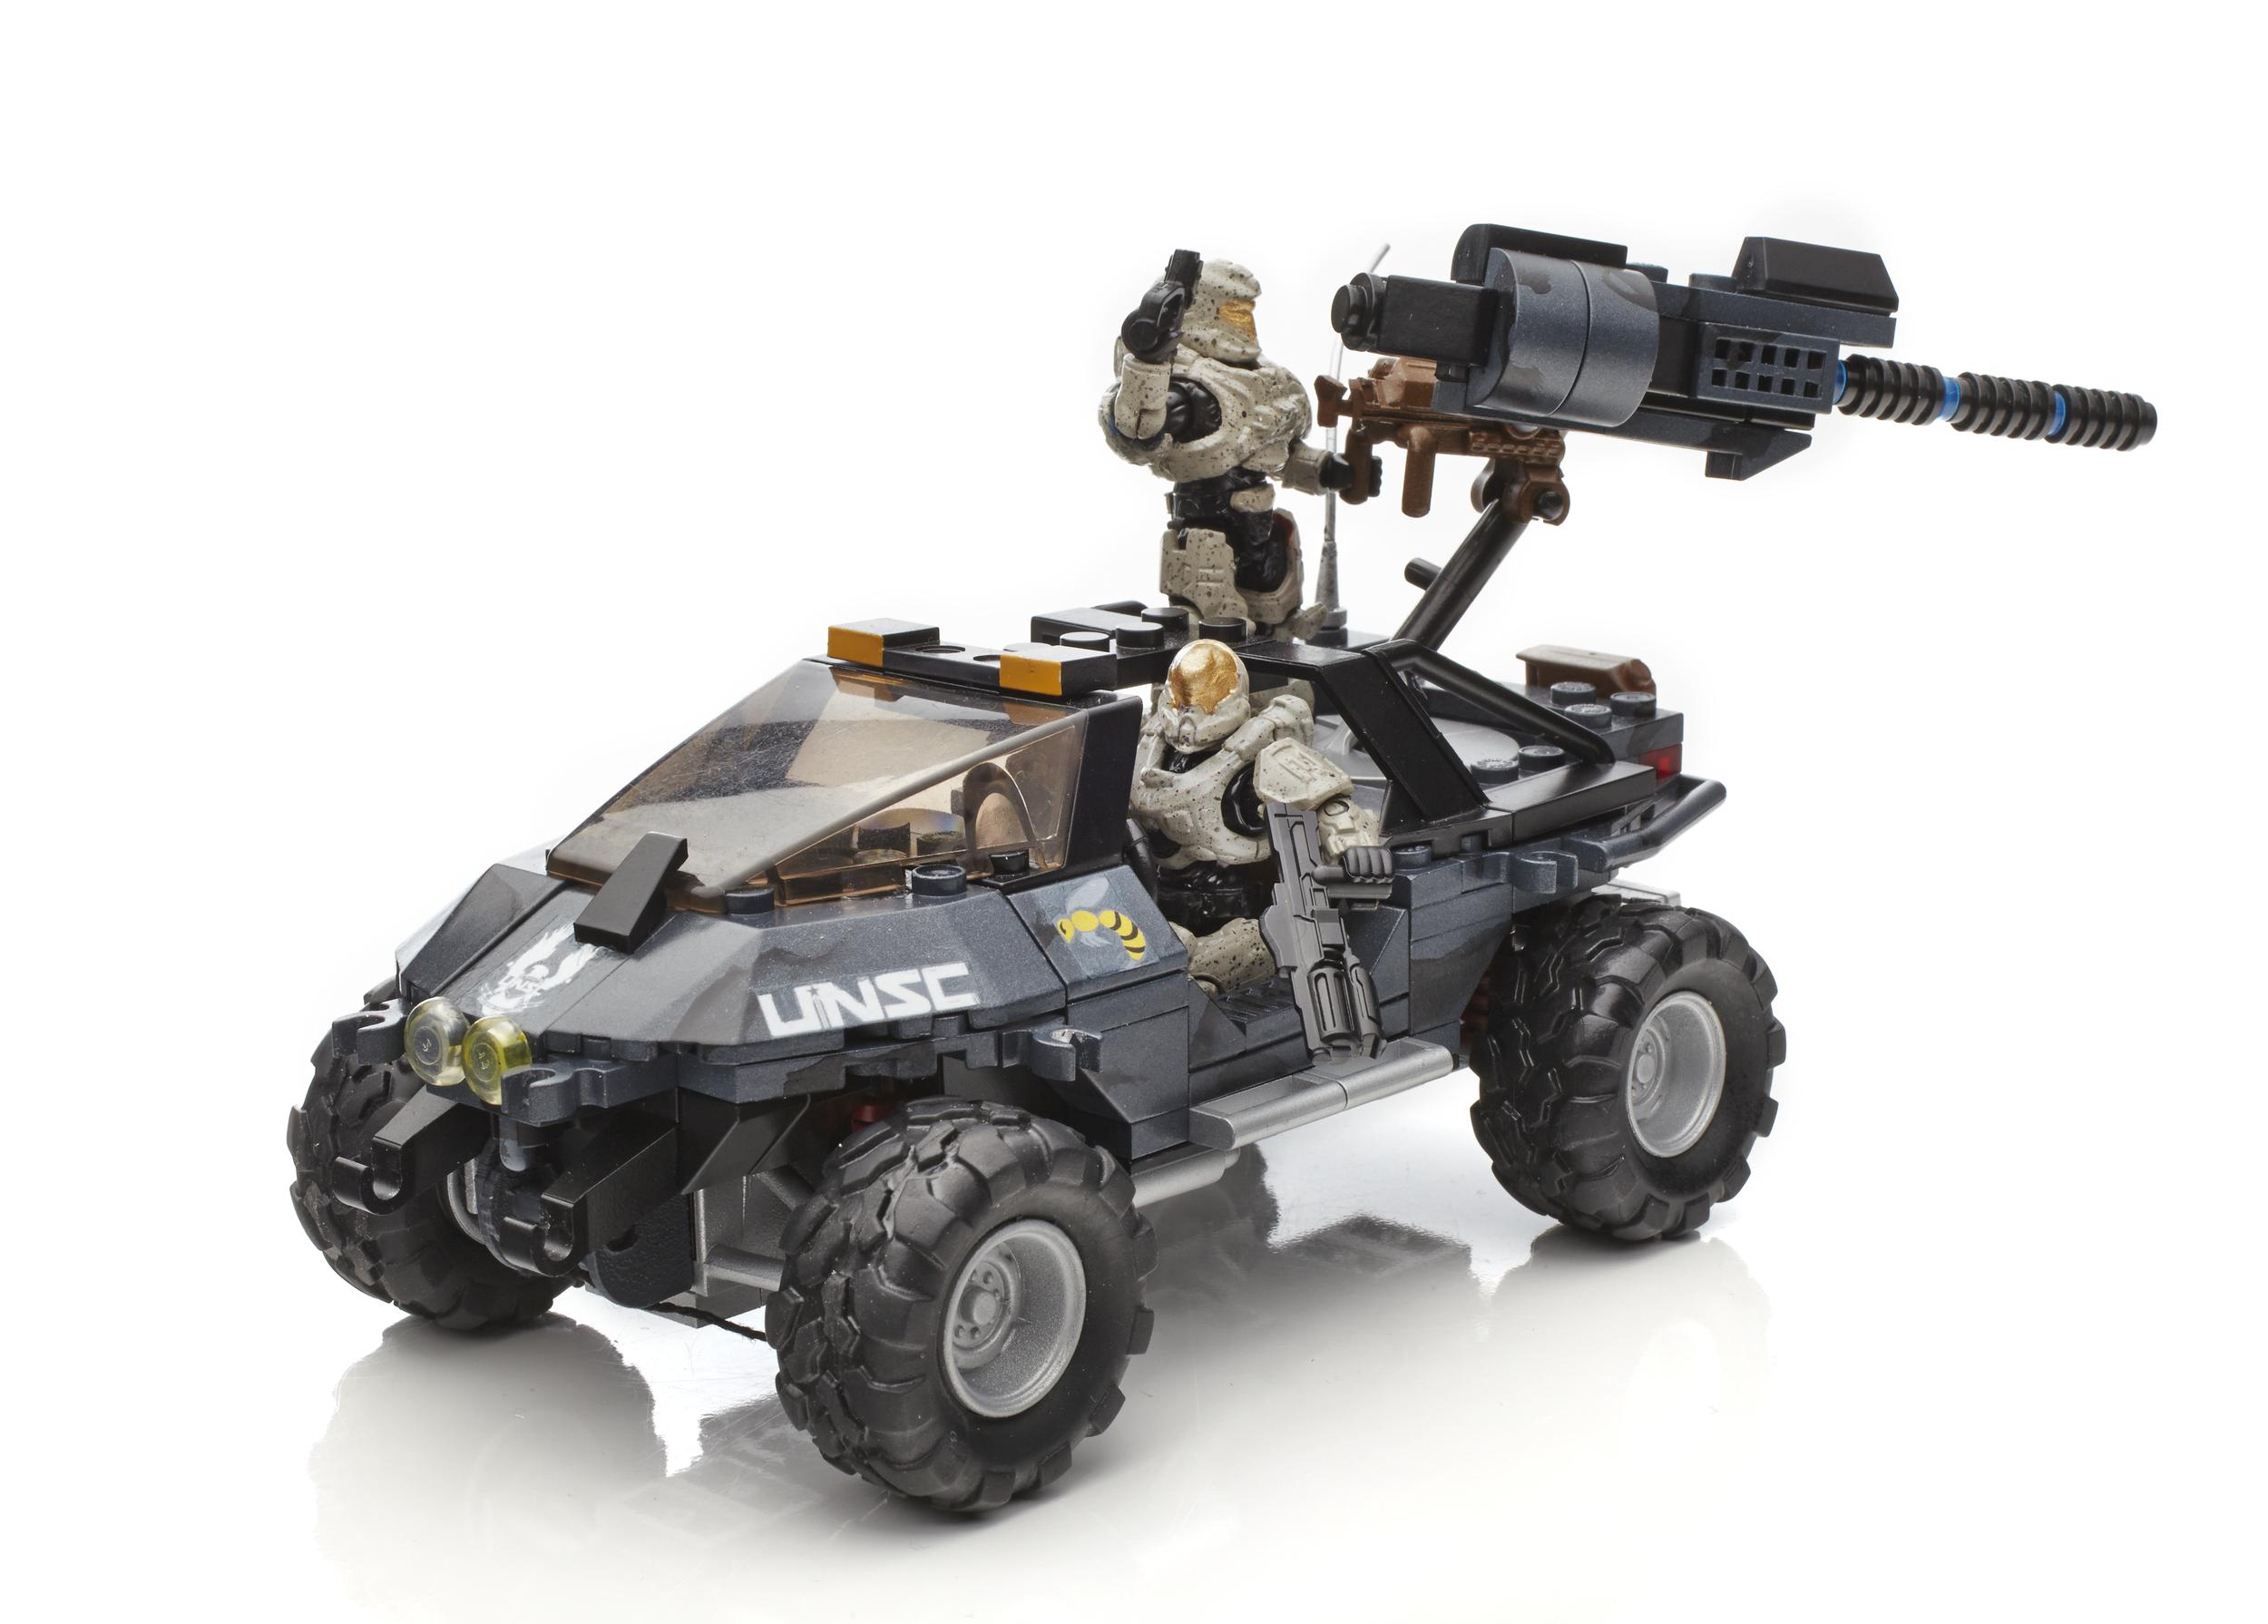 Halo-Mega-Bloks-Dual-Mode-UNSC-Warthog (1).png